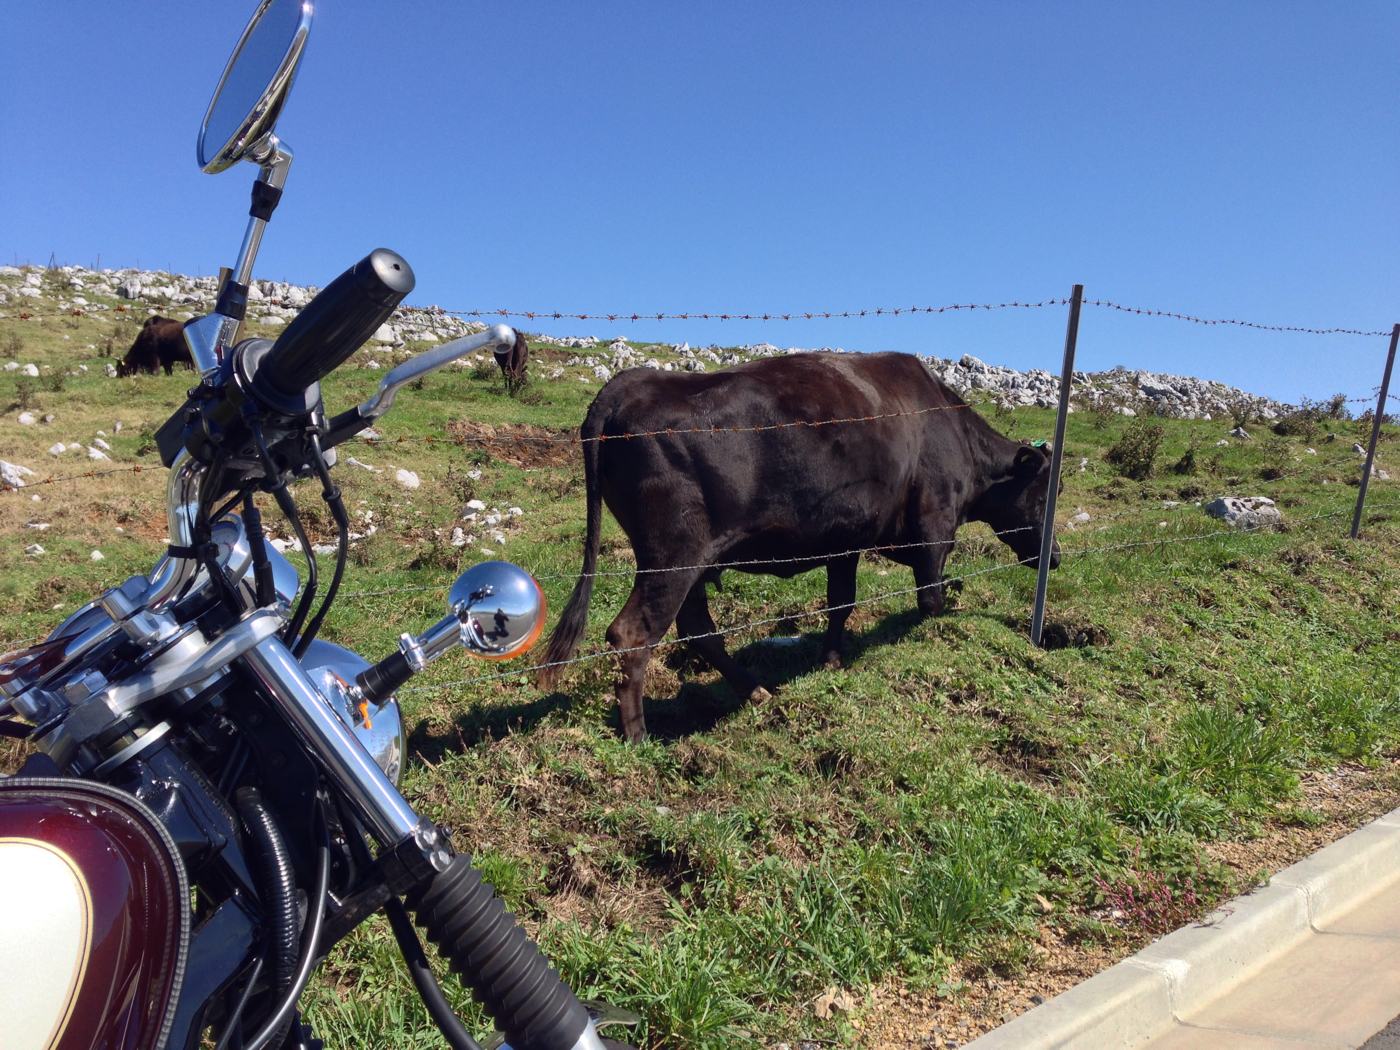 バイクと牛の写真